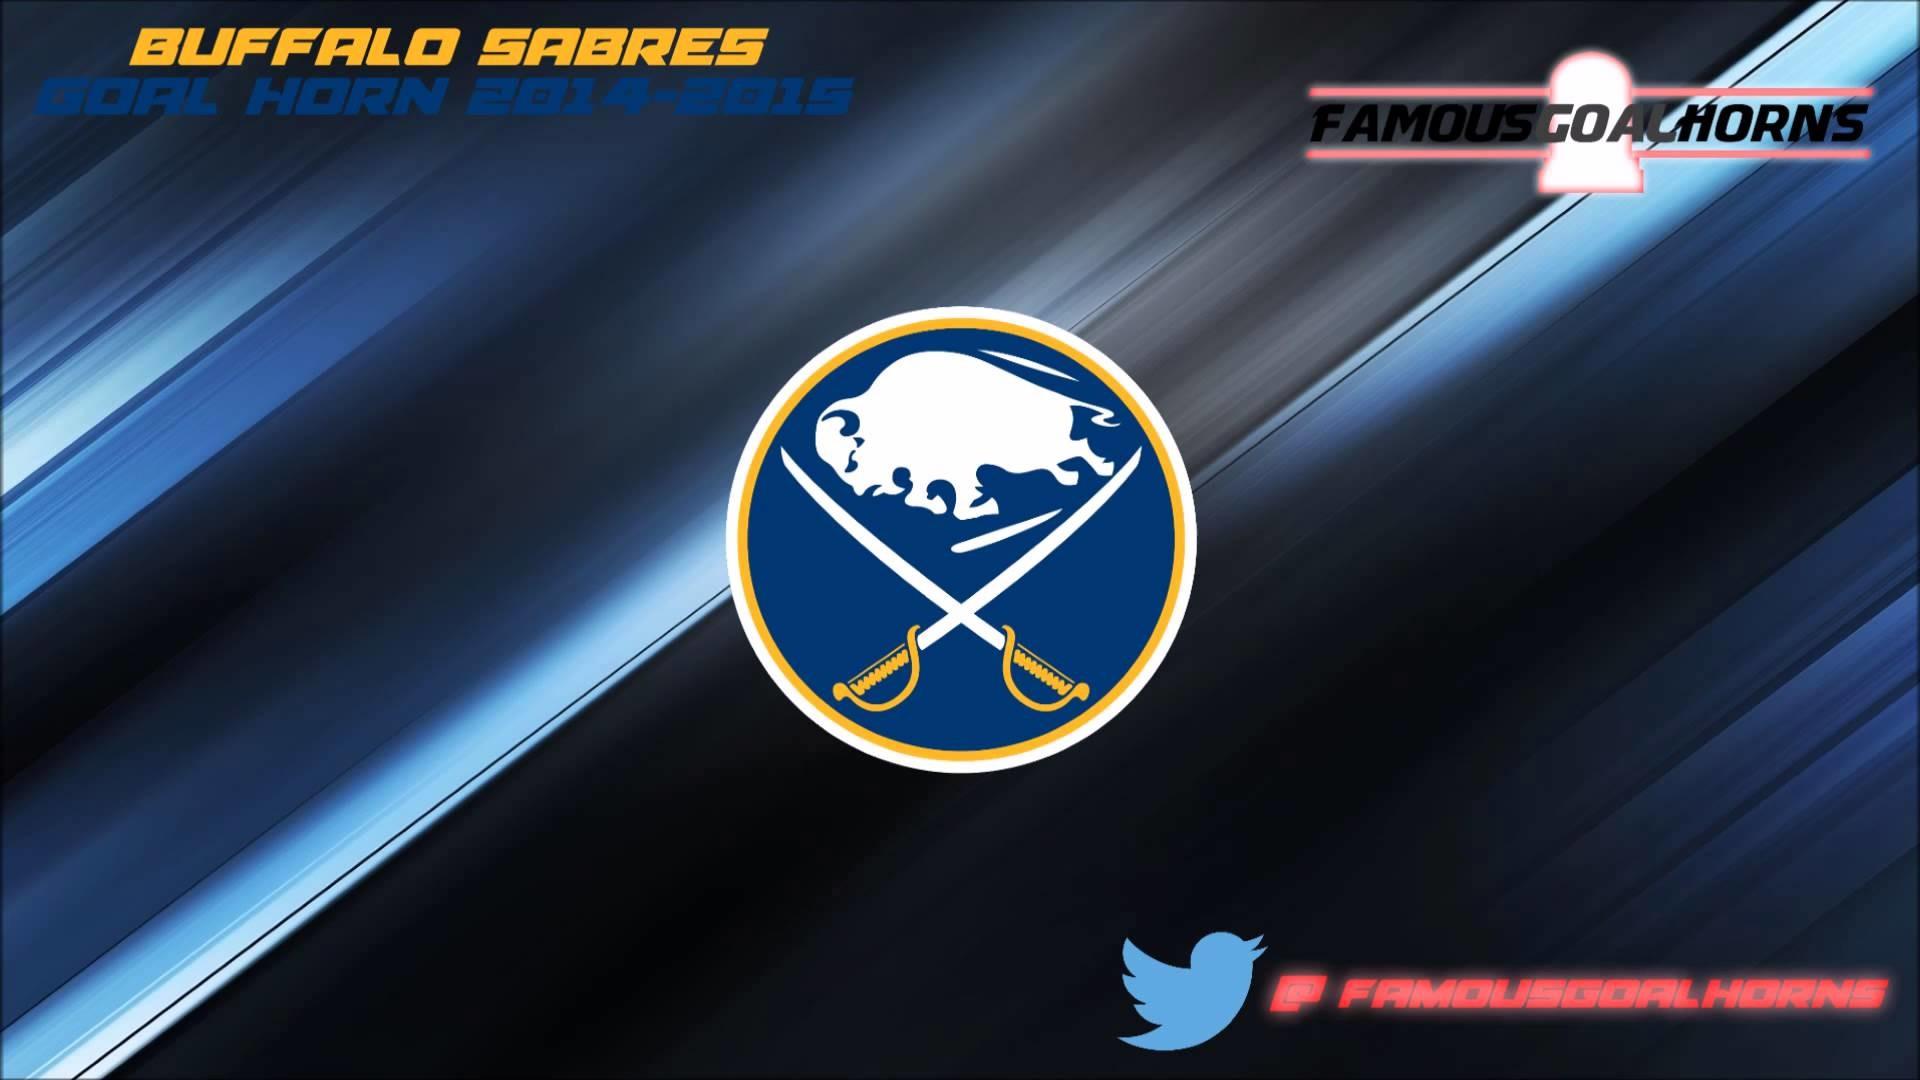 Buffalo Sabres Goal Horn 2014-2015